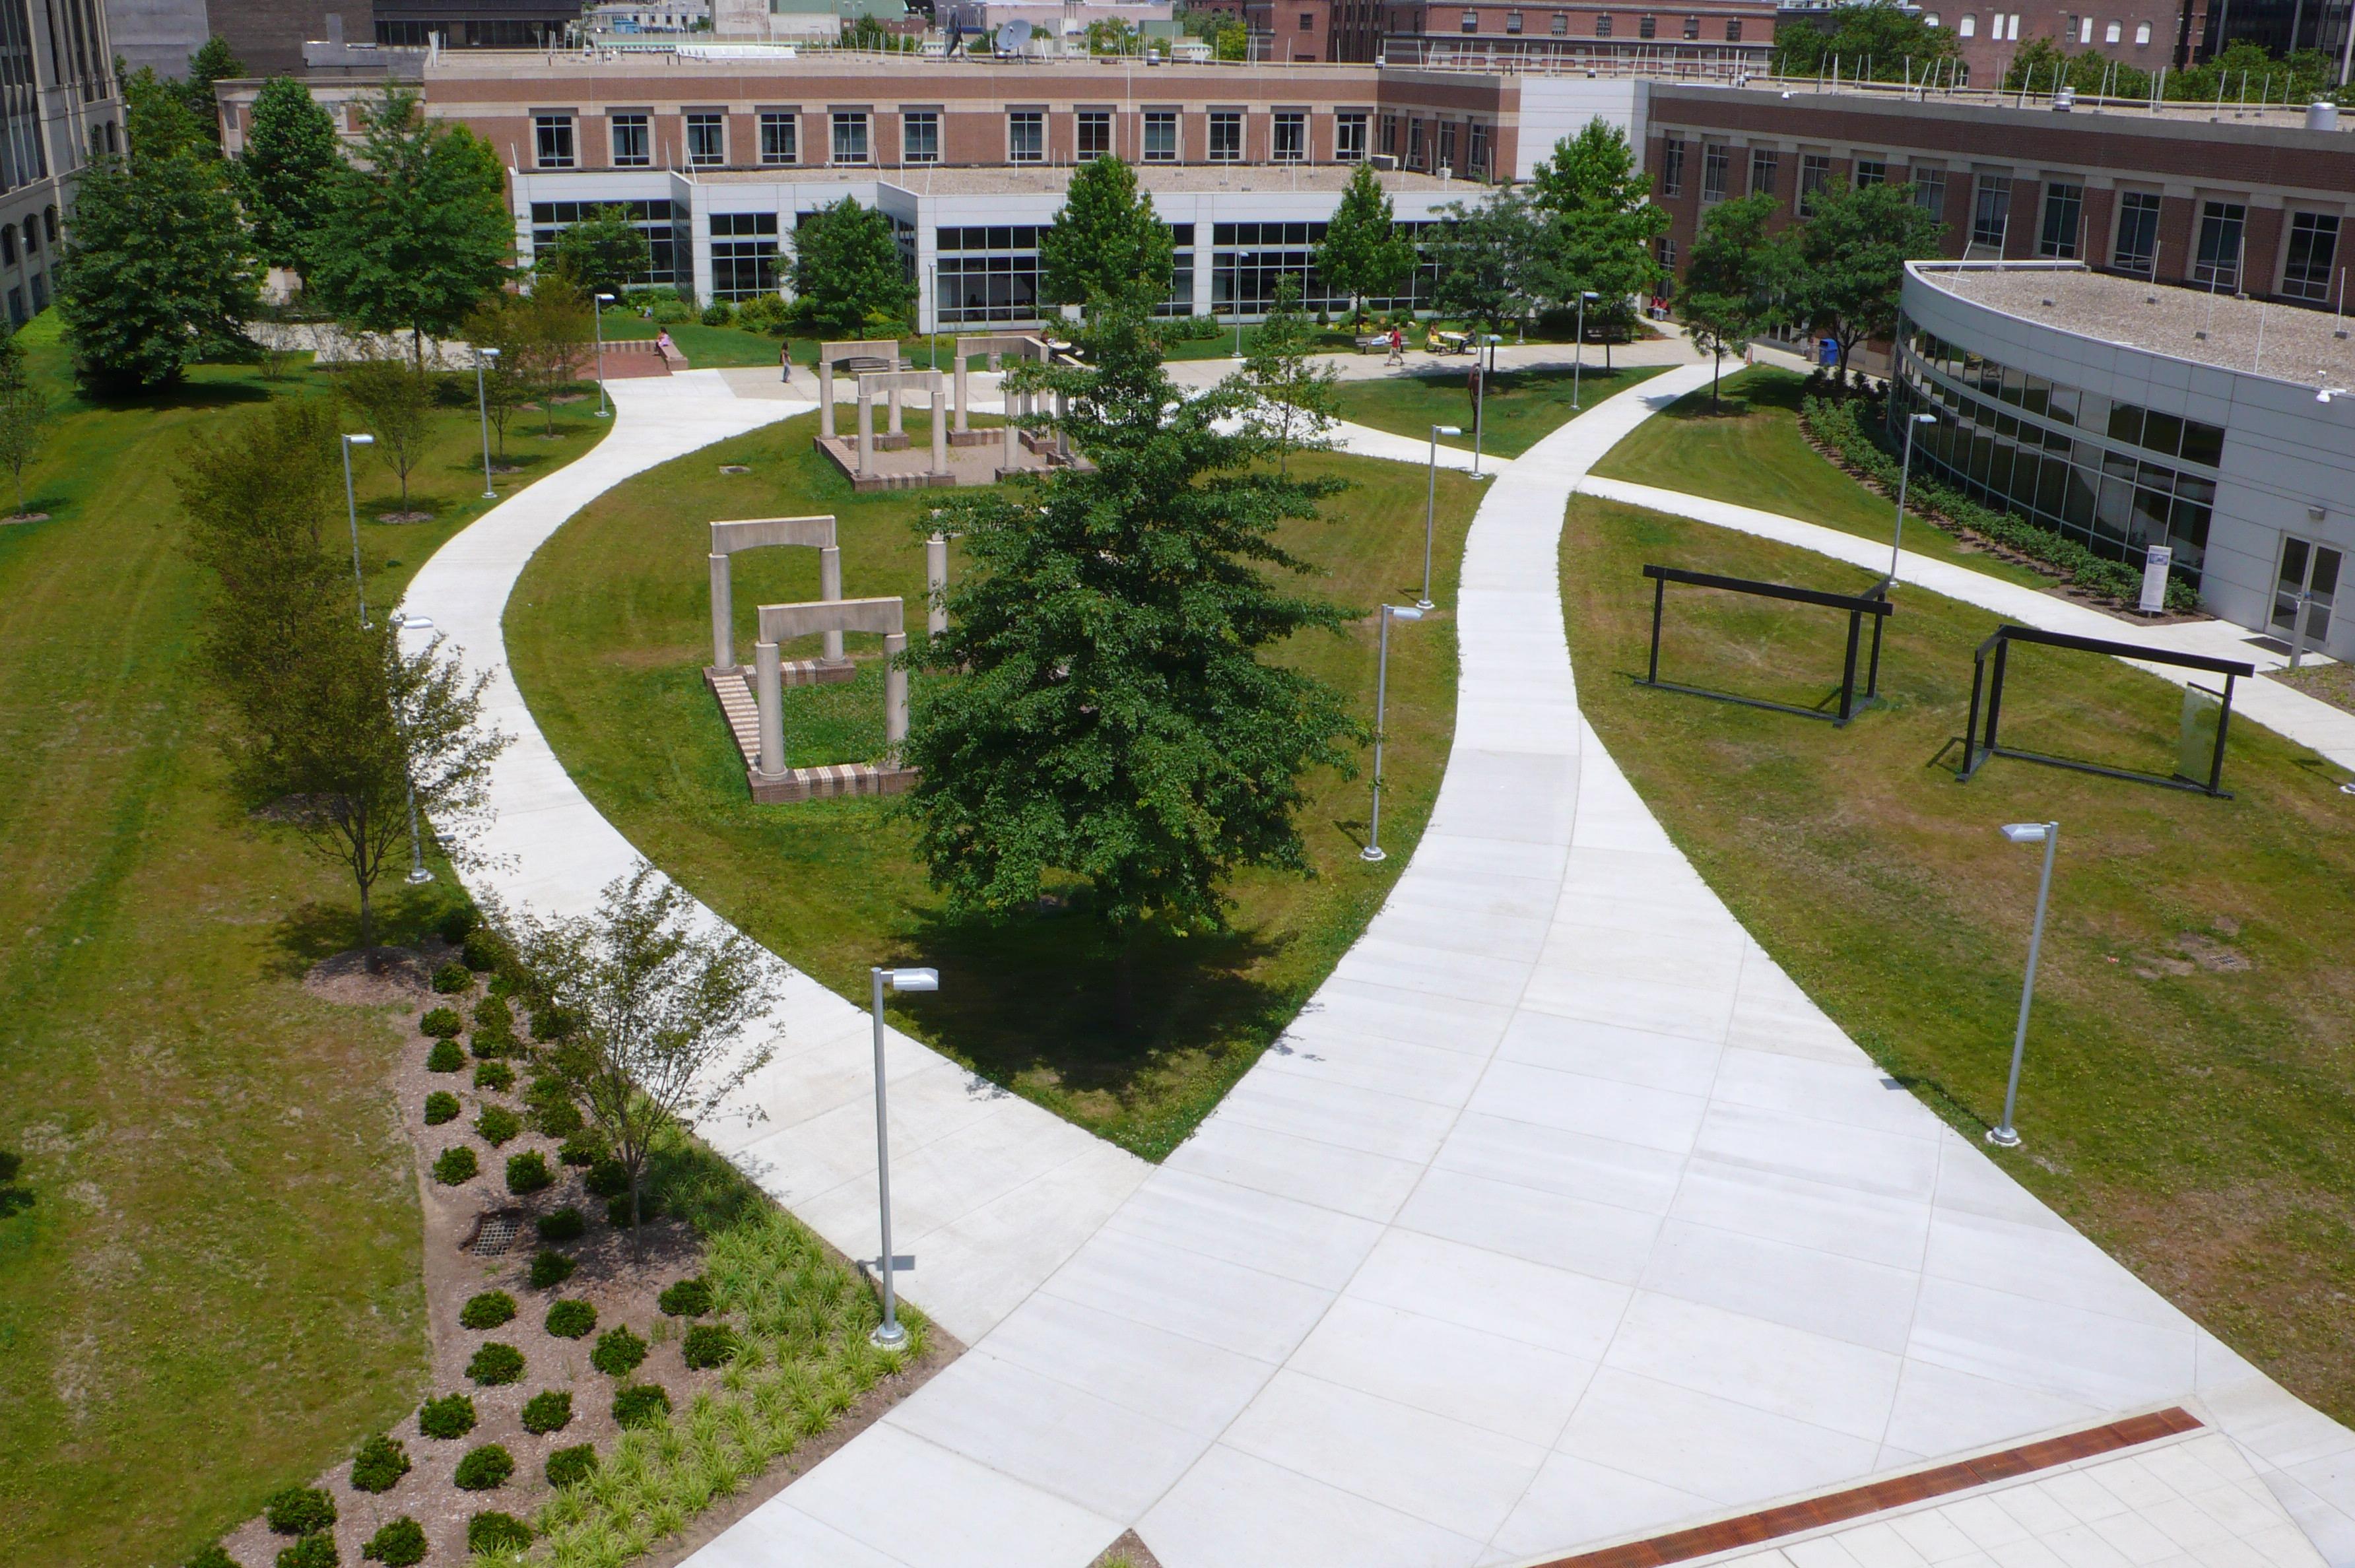 Housatonic Courtyard